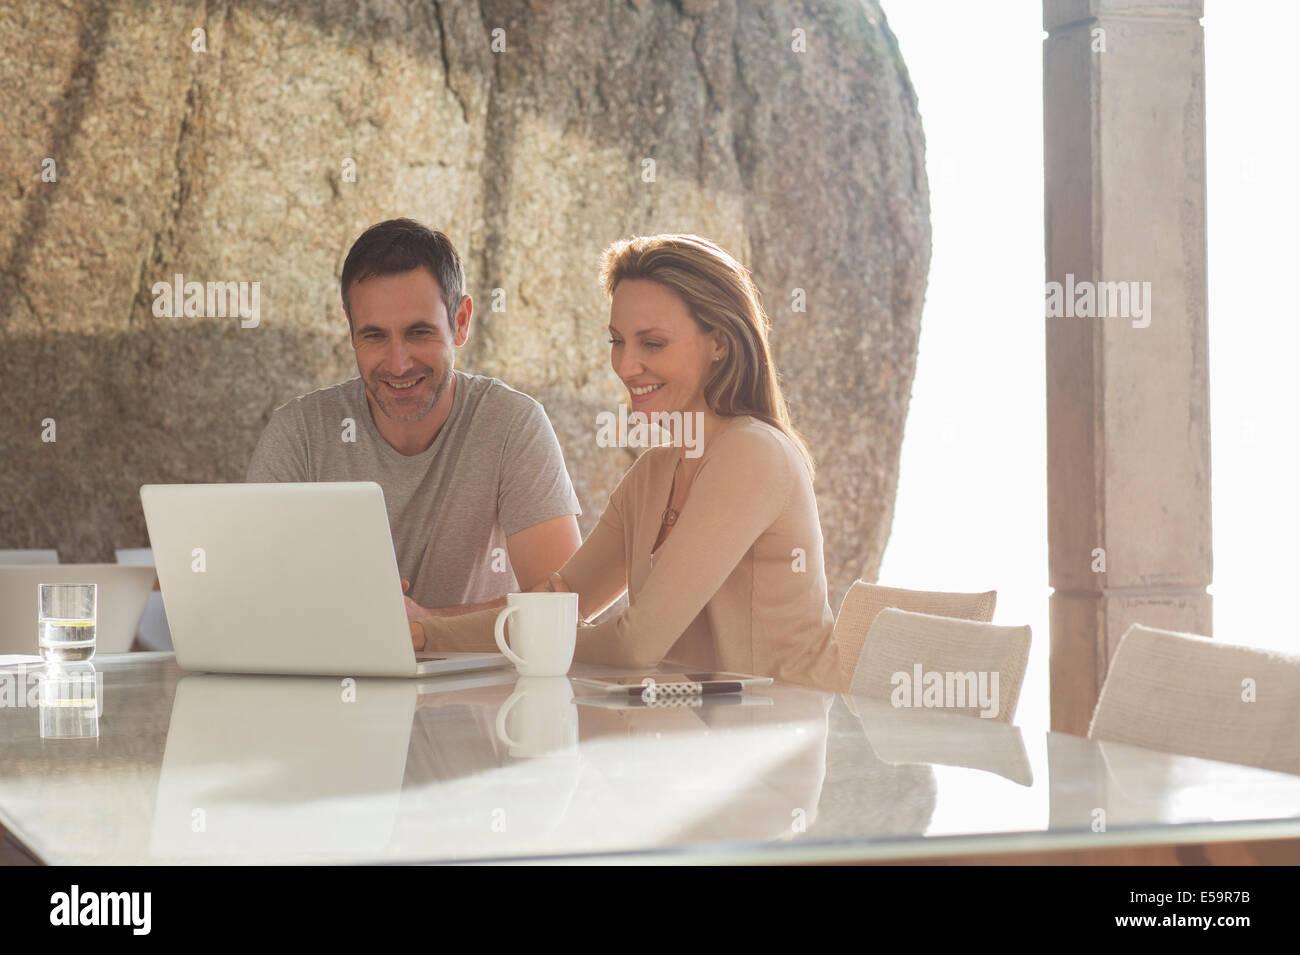 Pareja utilizando el portátil en el desayuno Imagen De Stock